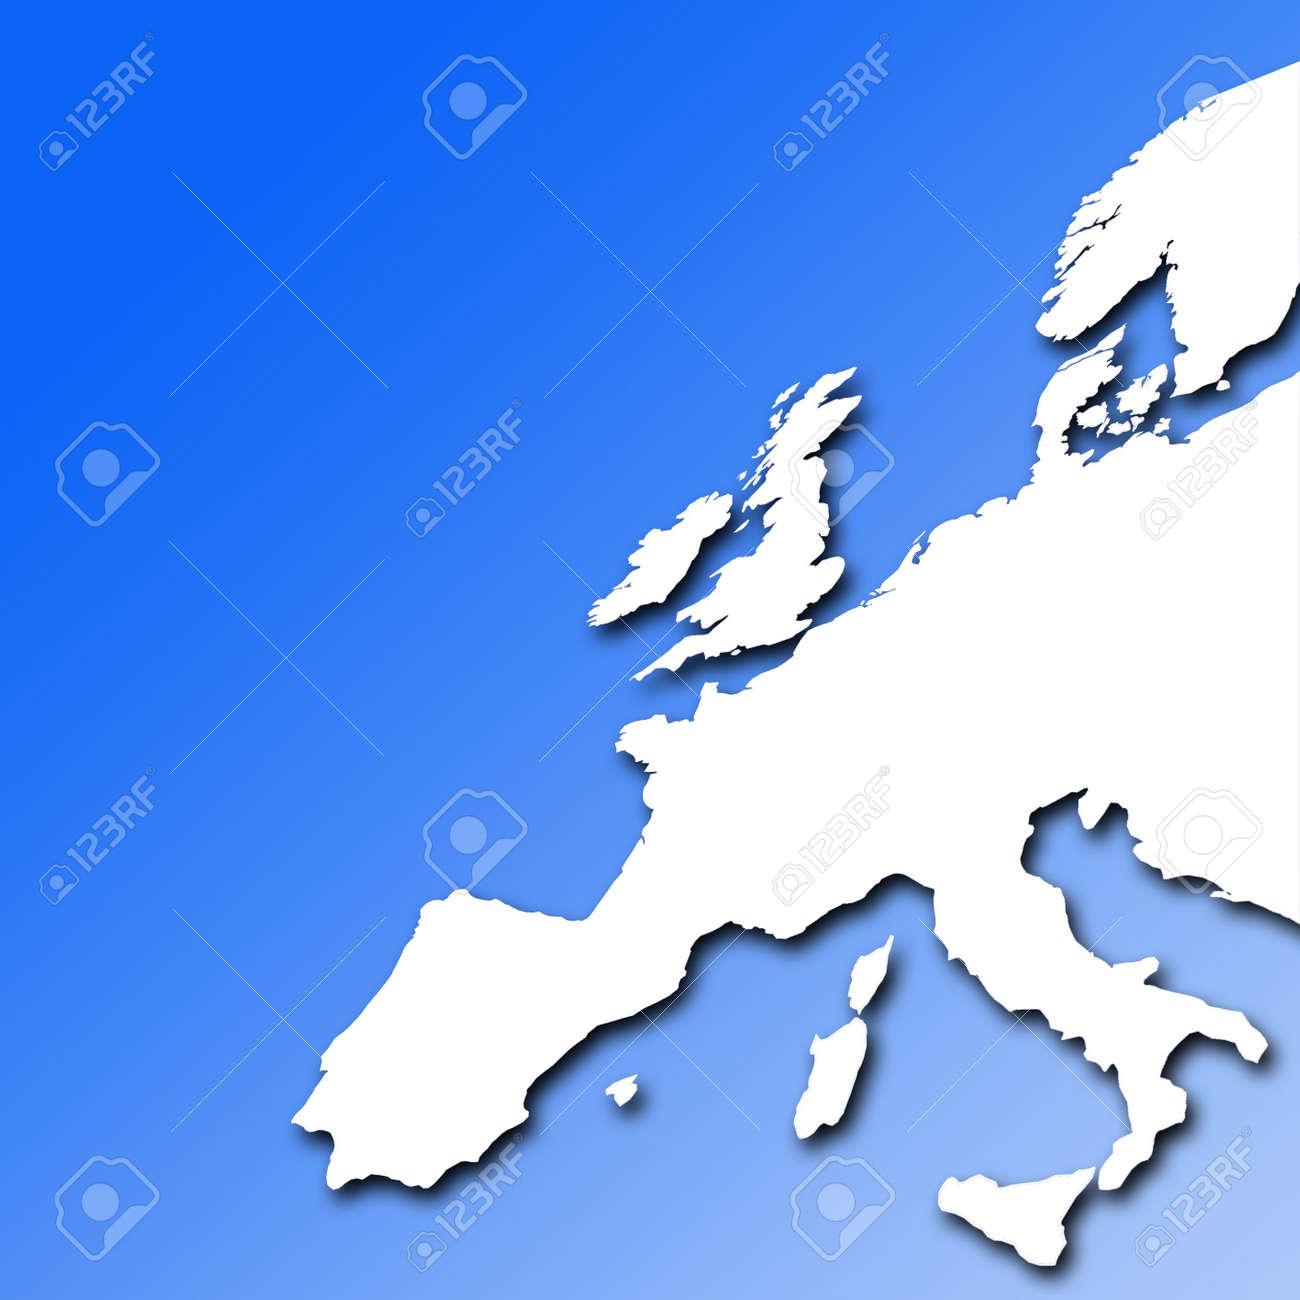 Mappa Muta Bianca Delleuropa Su Sfondo Blu Graduato Foto Royalty